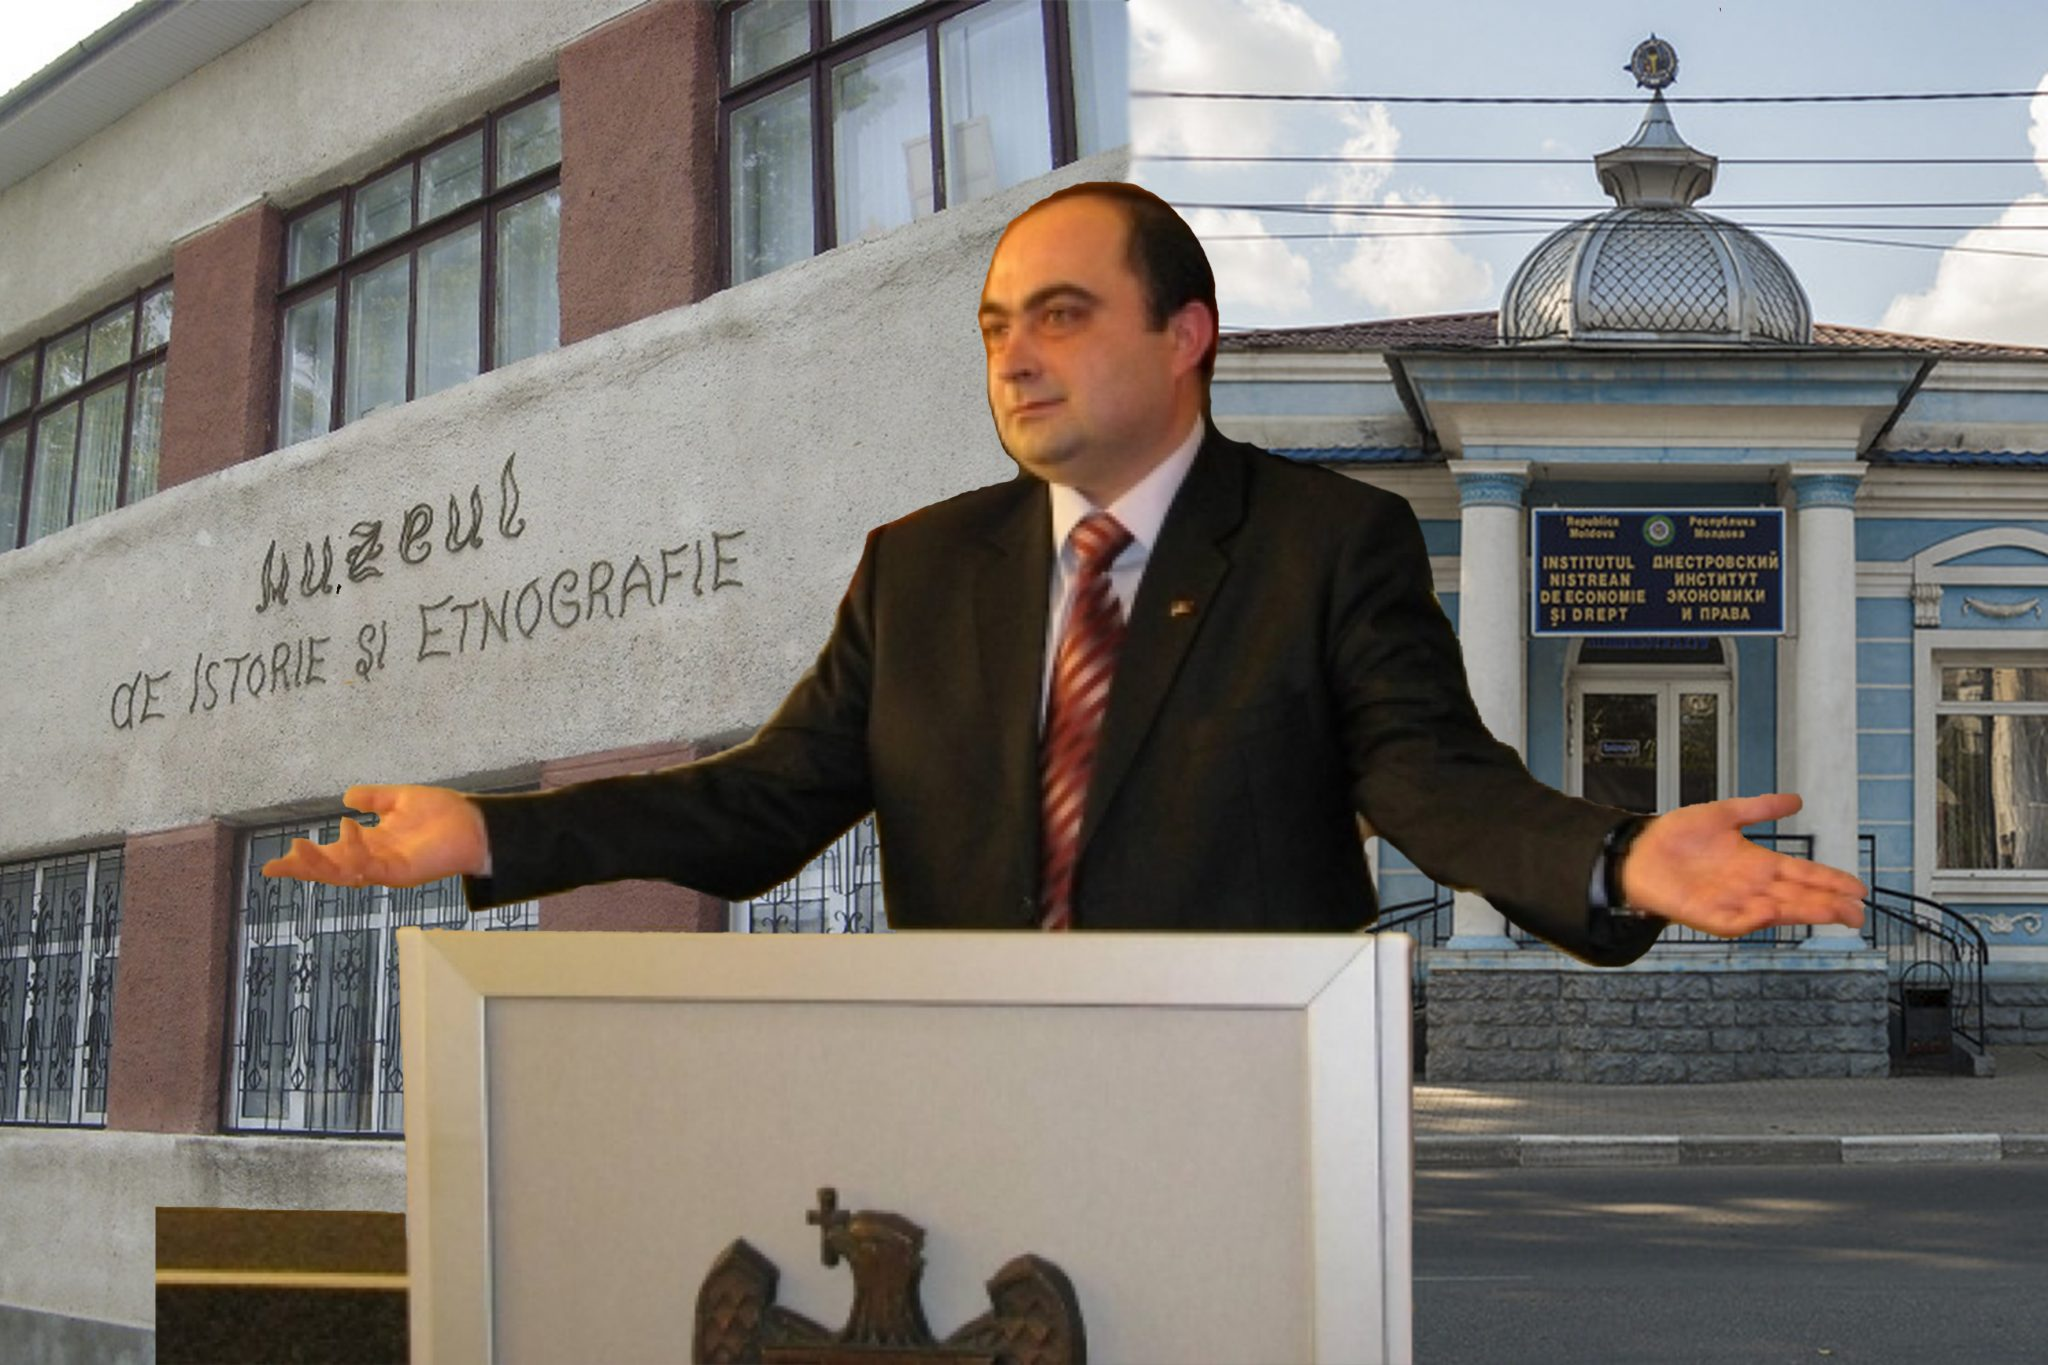 VIDEO | Democratul Octavian Mahu se opune transferării Muzeului din Bălți într-un edificiu nou